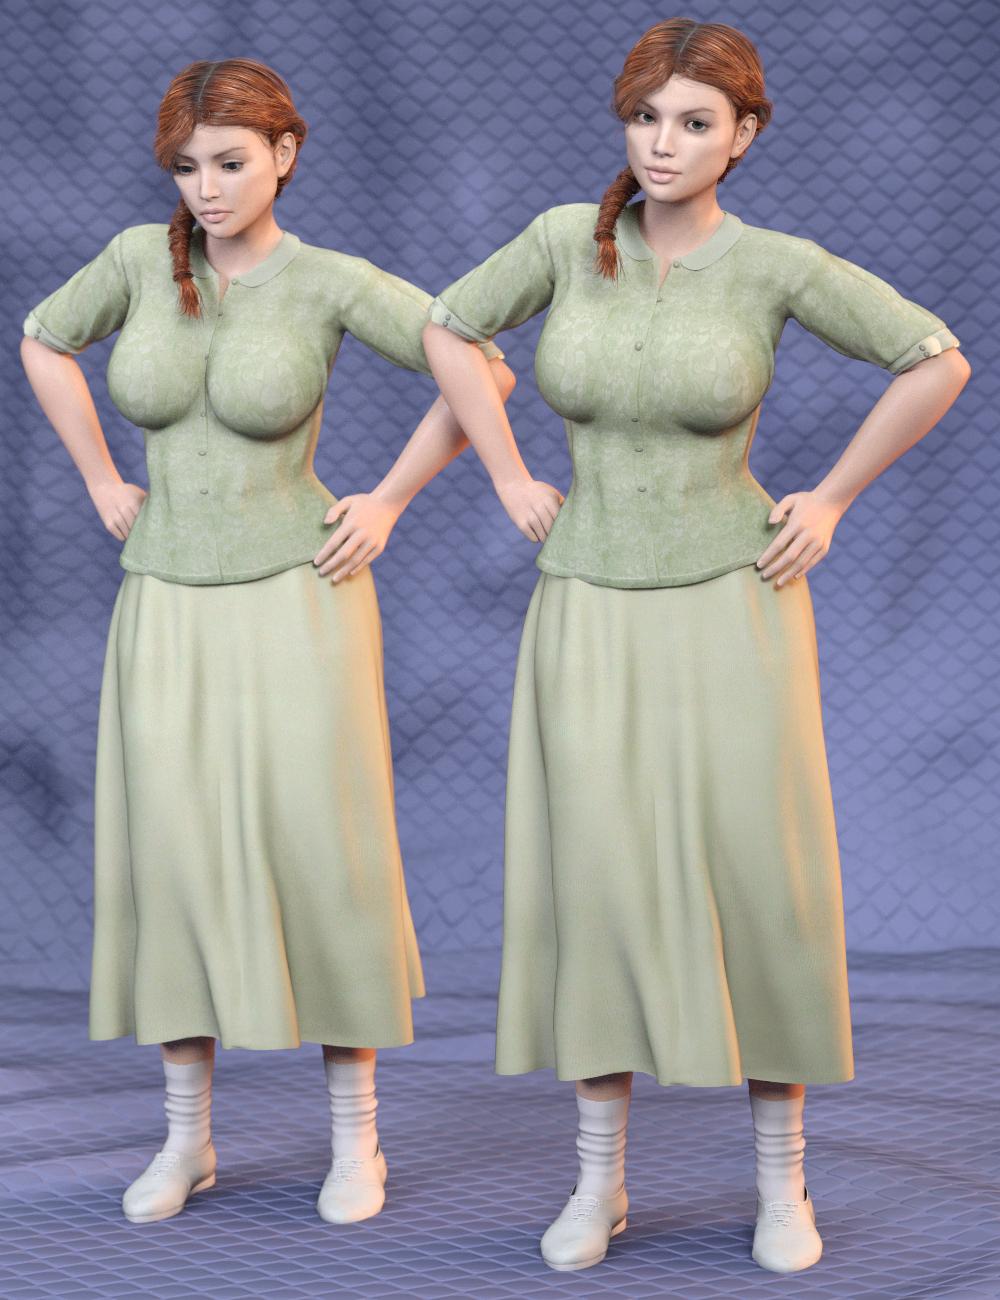 SY Universal Breast Helpers Genesis, Genesis 2 and Genesis 3 Female(s) by: Sickleyield, 3D Models by Daz 3D